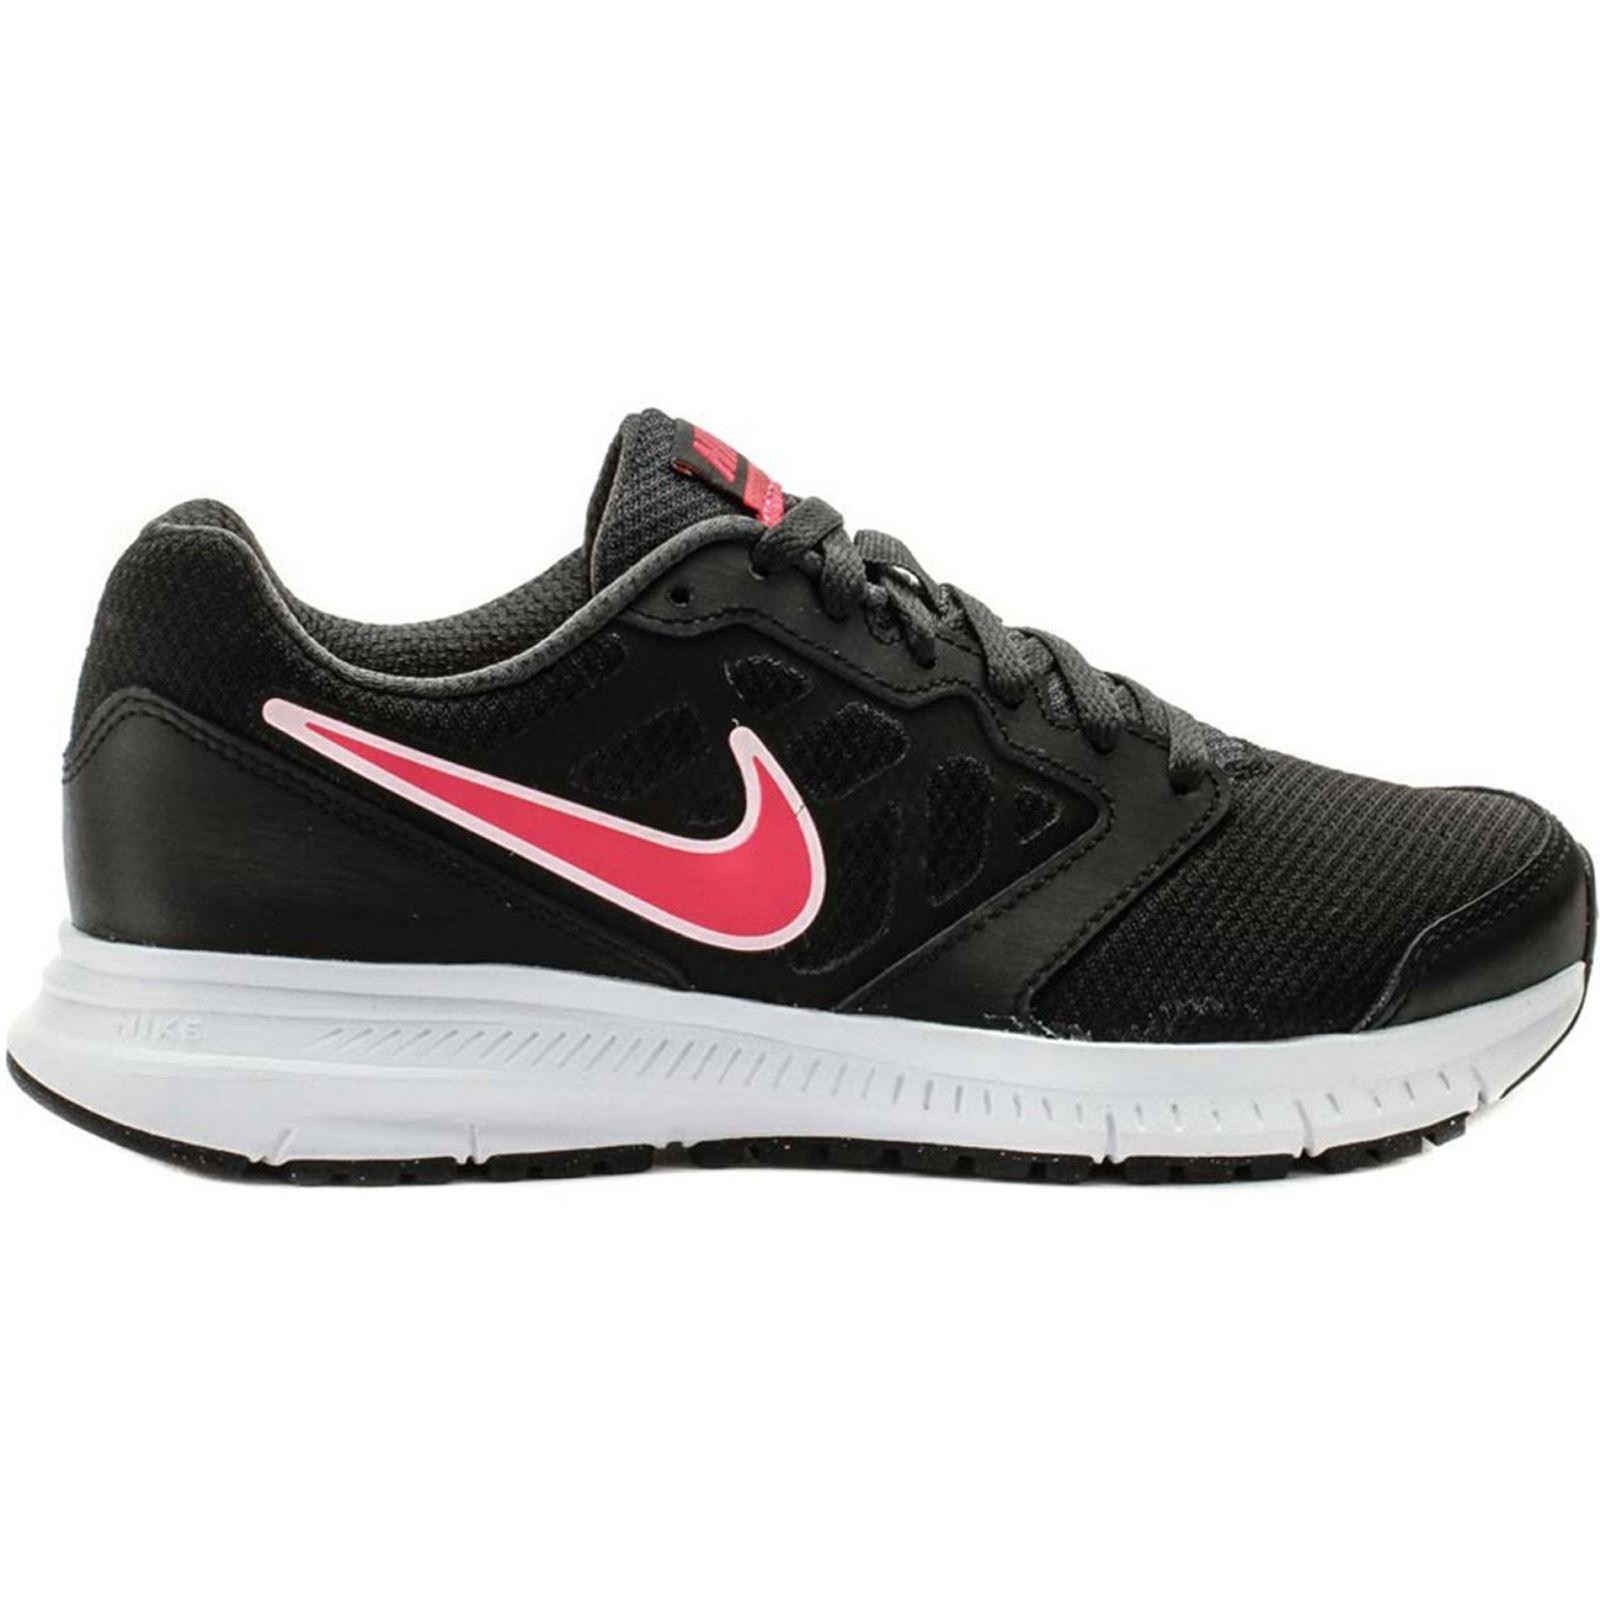 Nike Free   Atomic Pink Womens Running Shoes